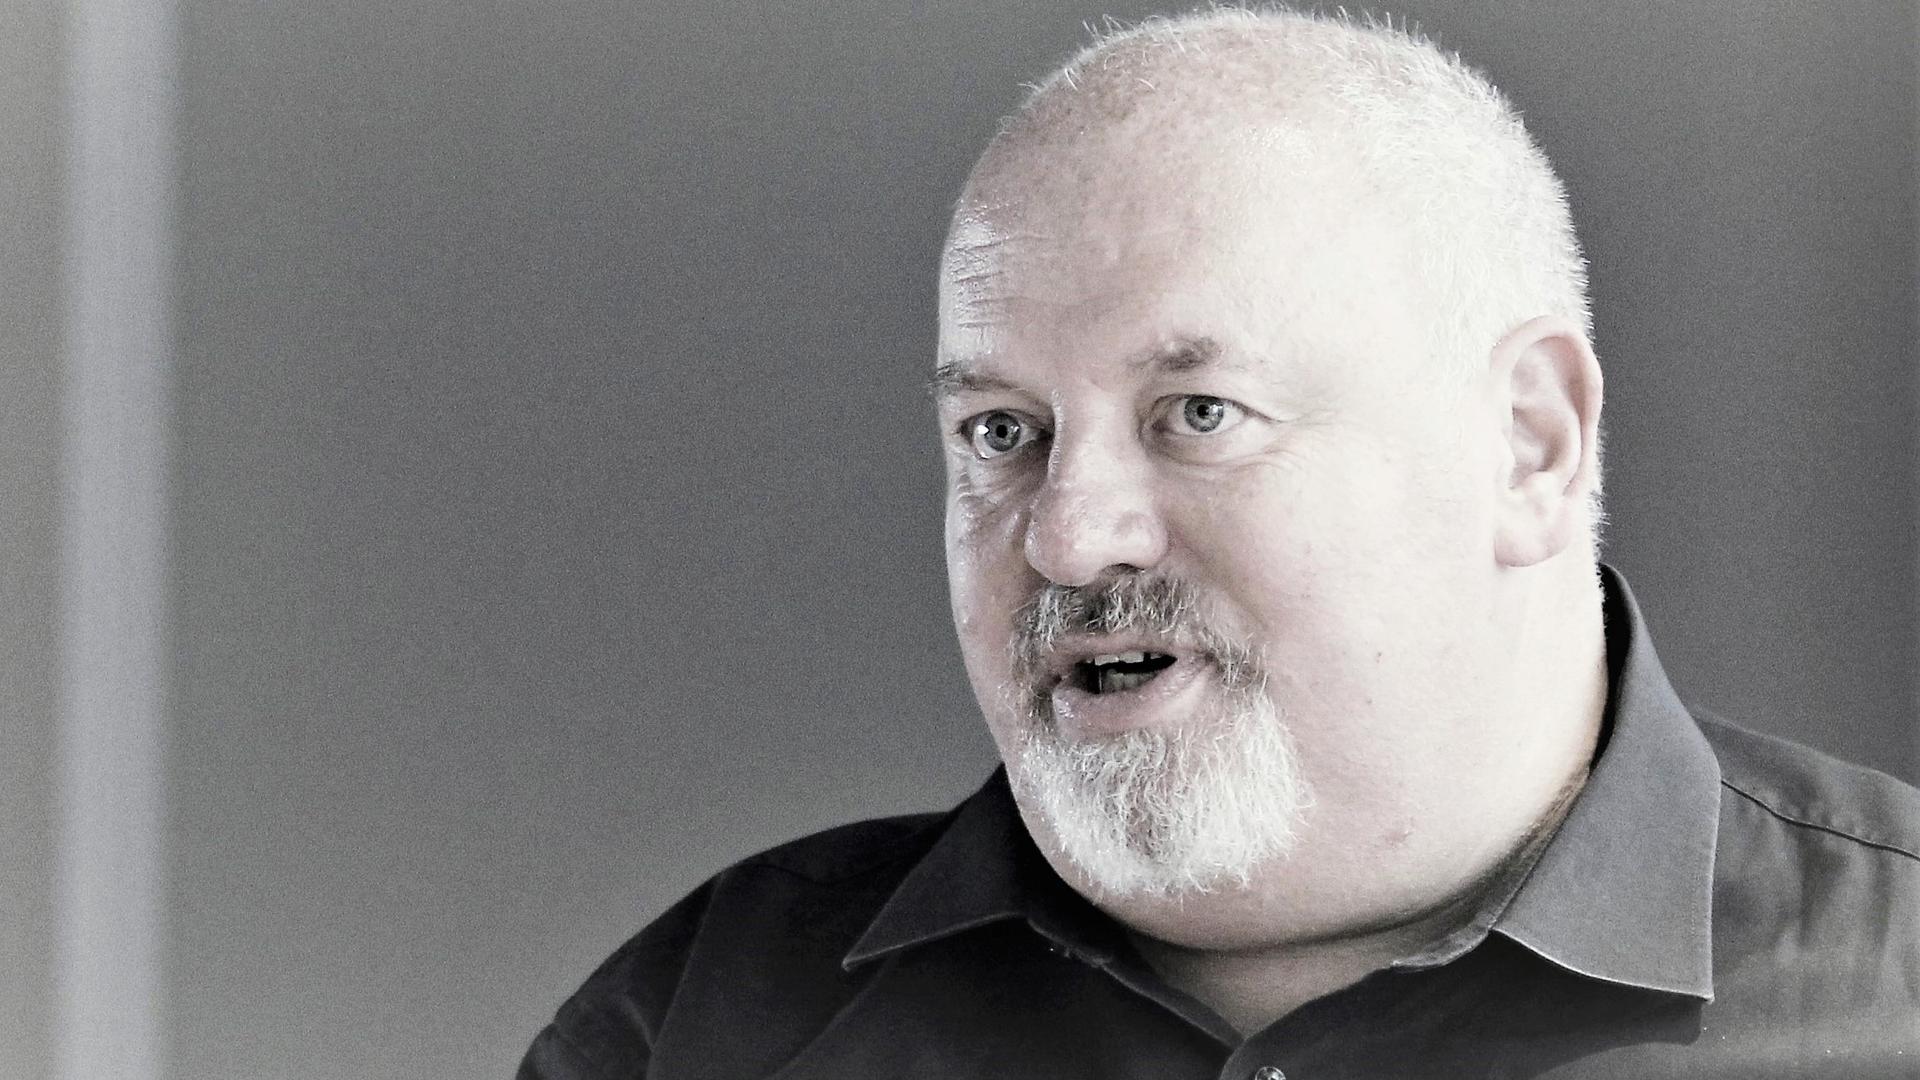 Engagierter Stadtrat, Arzt und Christ: Ralf Fuhrmann auf einem Archivbild von 2019